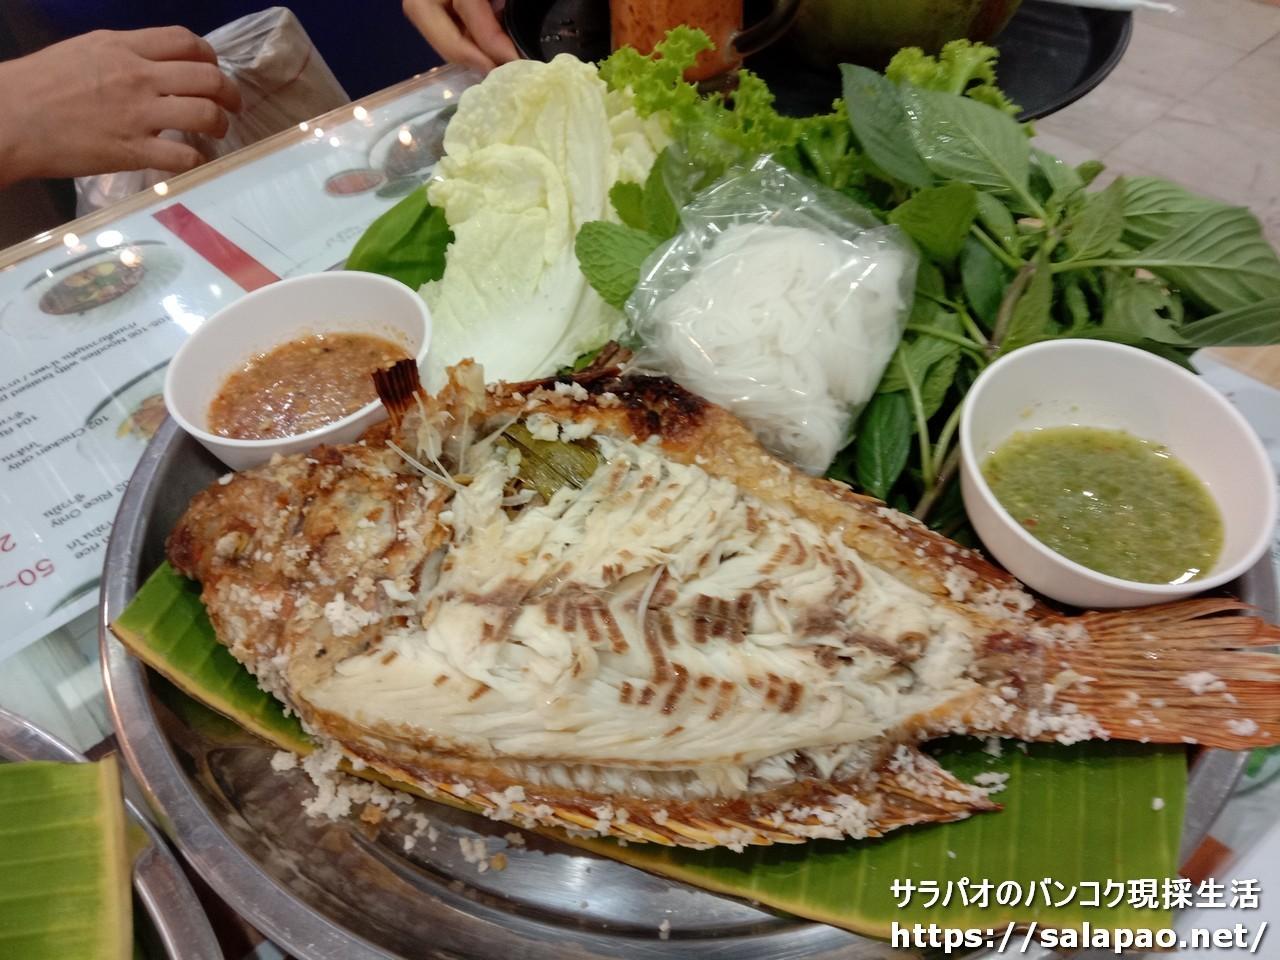 ビジネス・イン・レストランは安くて美味しい24時間営業のタイ料理店 in ナナ